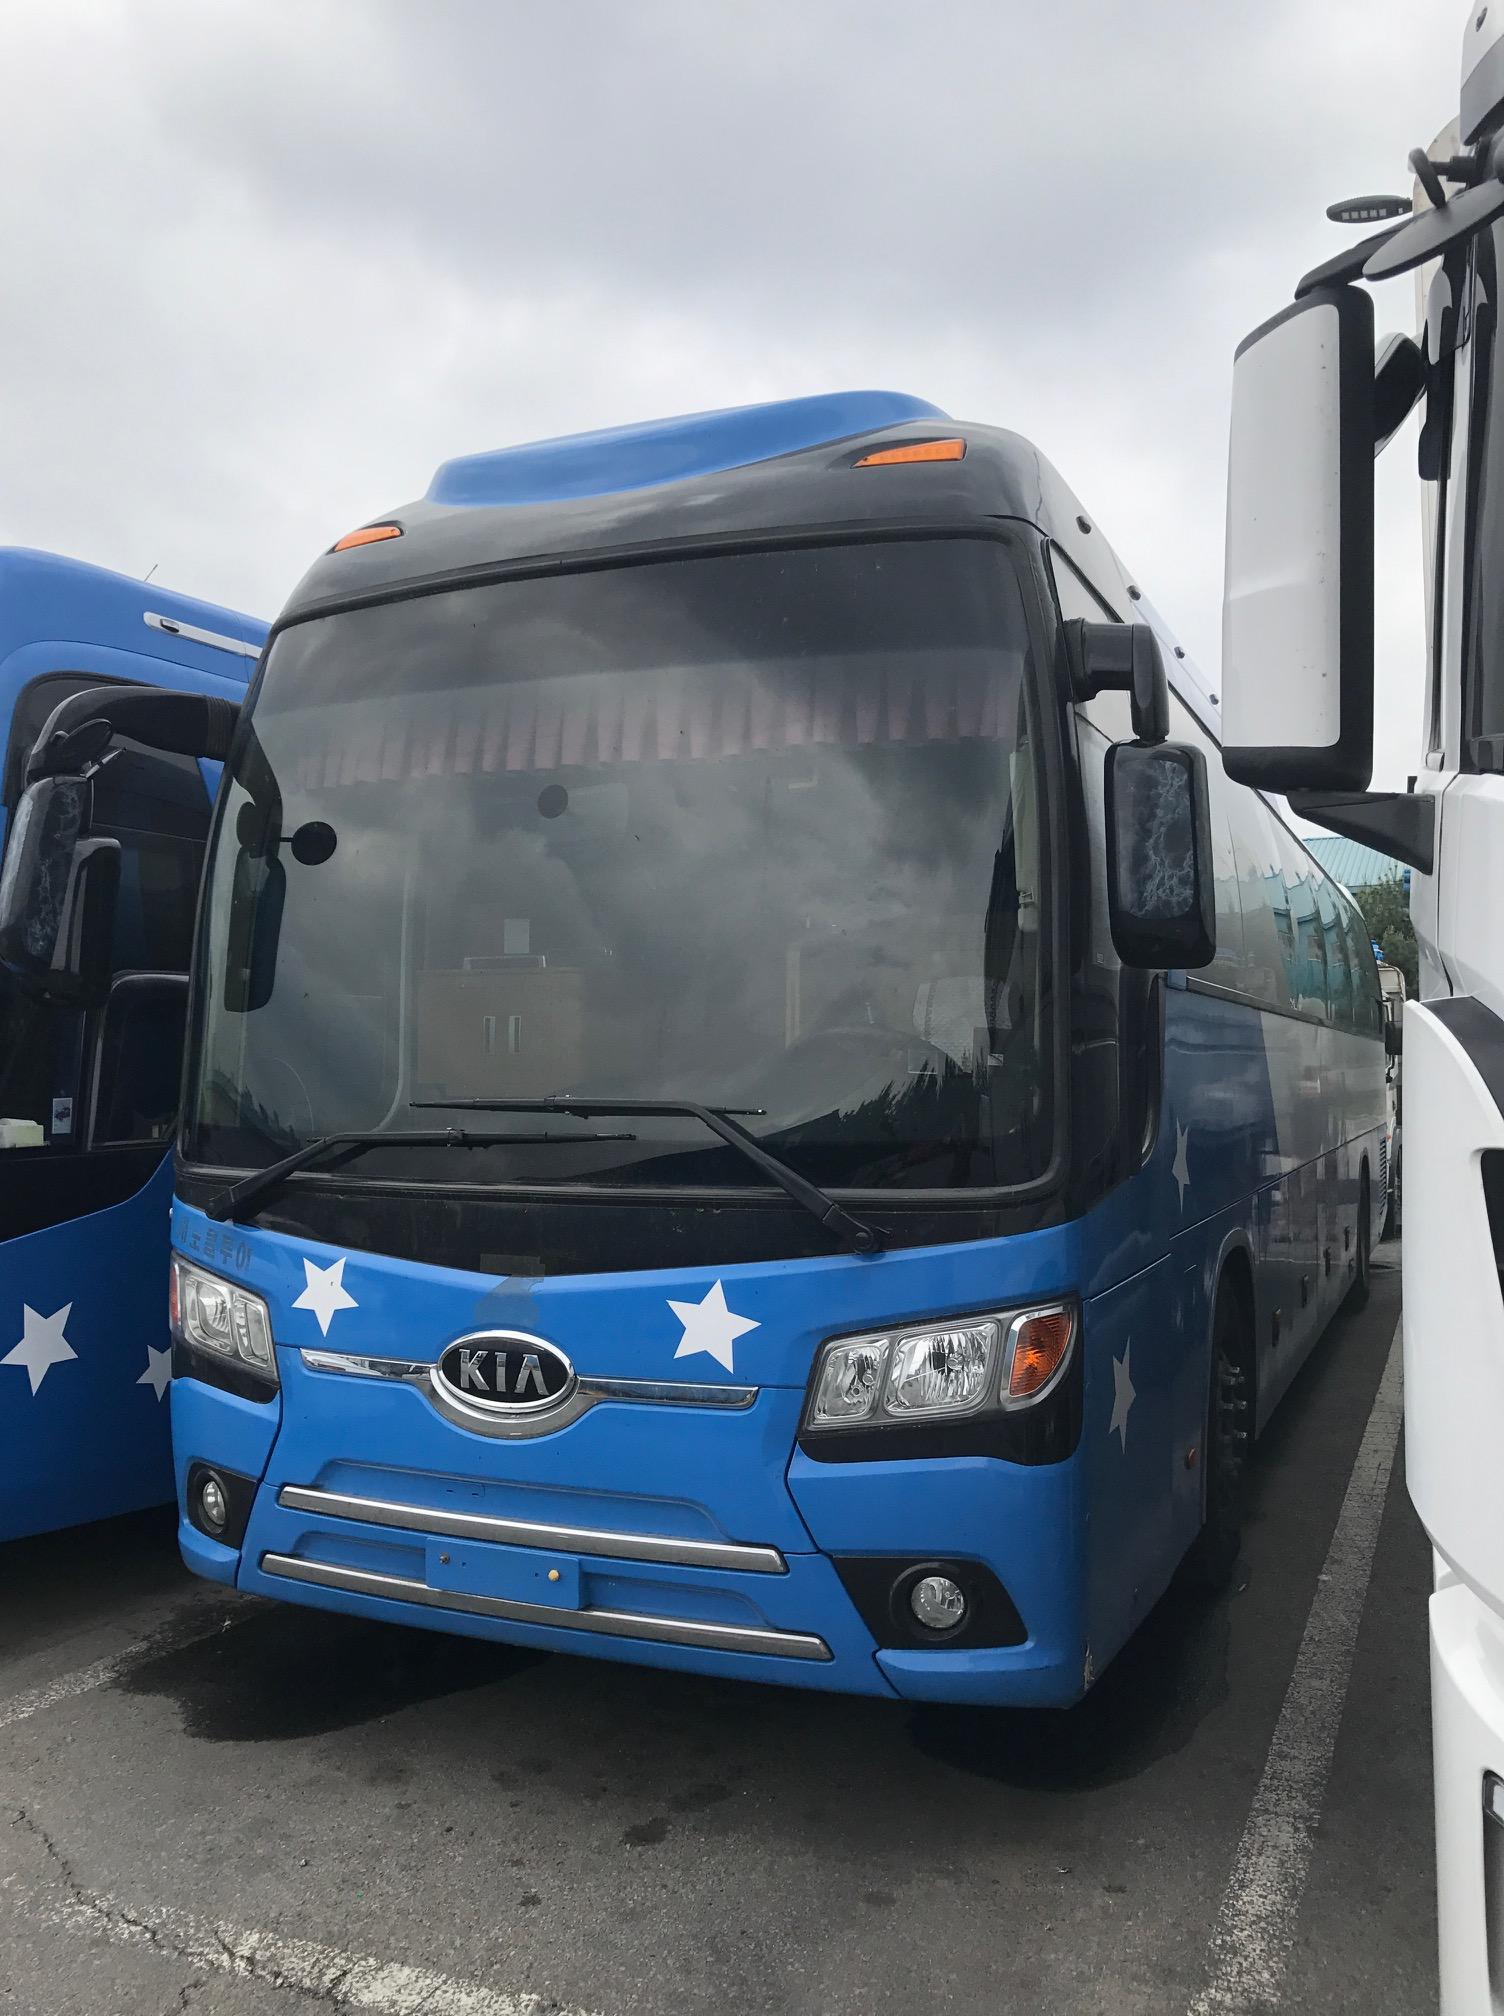 Туристический автобус  Кia Grandbird Silkroad, 2011г, оригинал